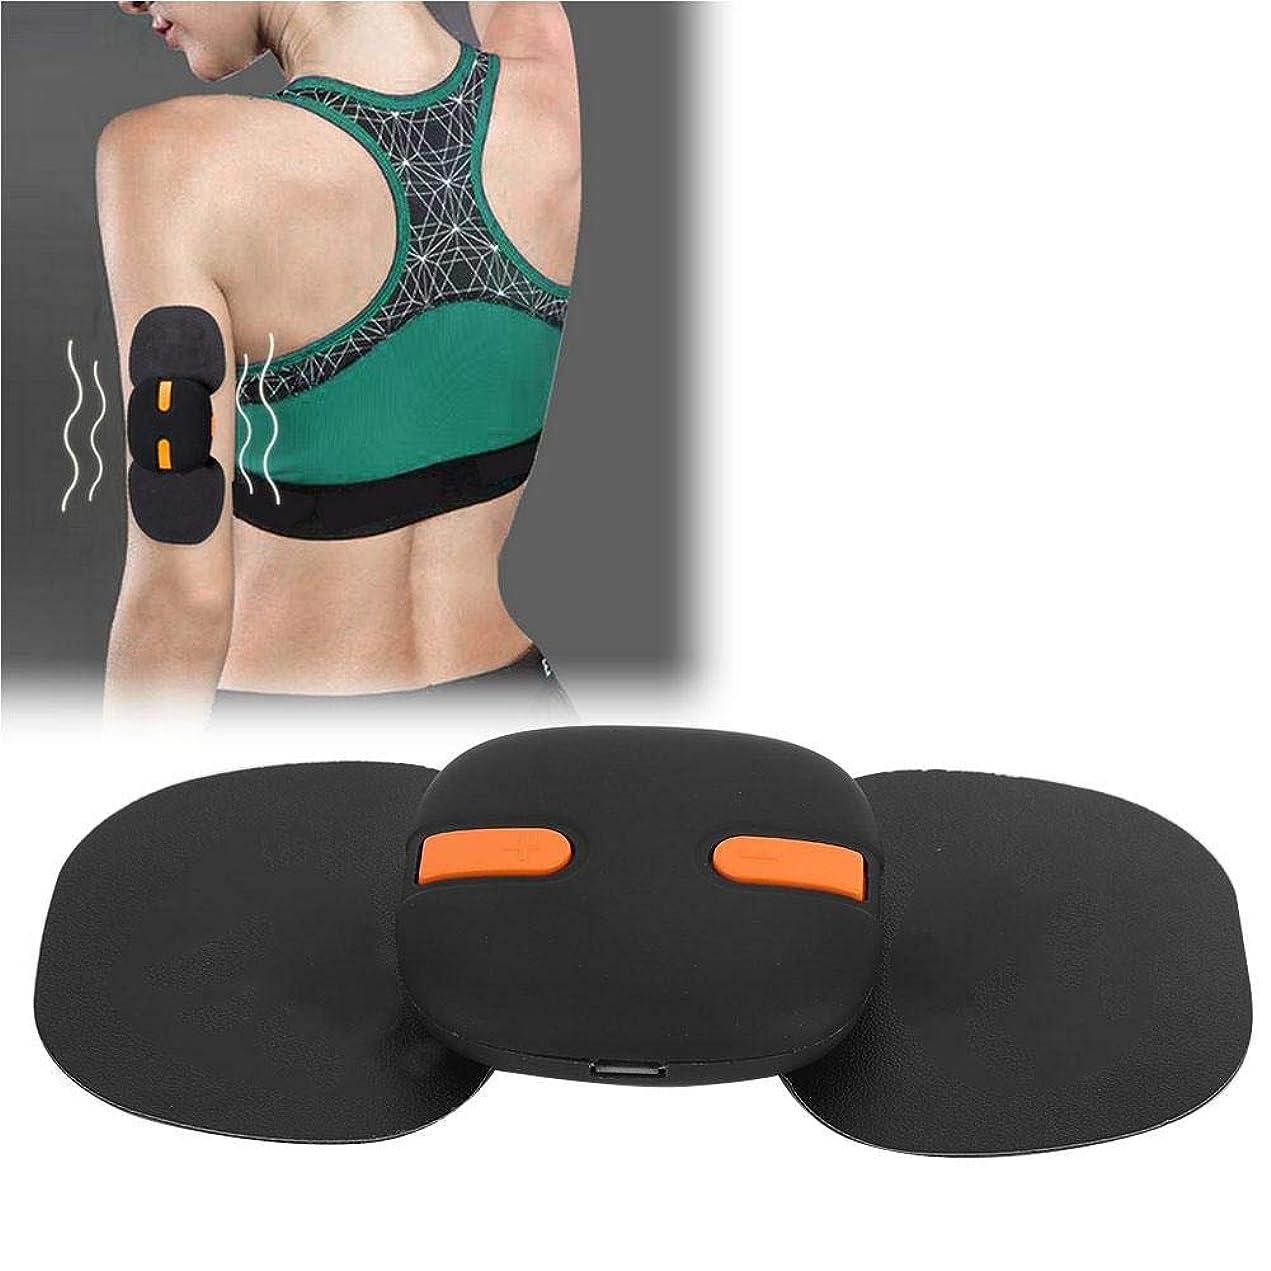 ゴム戸口持つ筋肉電気刺激装置、腹部用電子腹部刺激装置/腕/脚/男女用ウエストEMSトレーナー